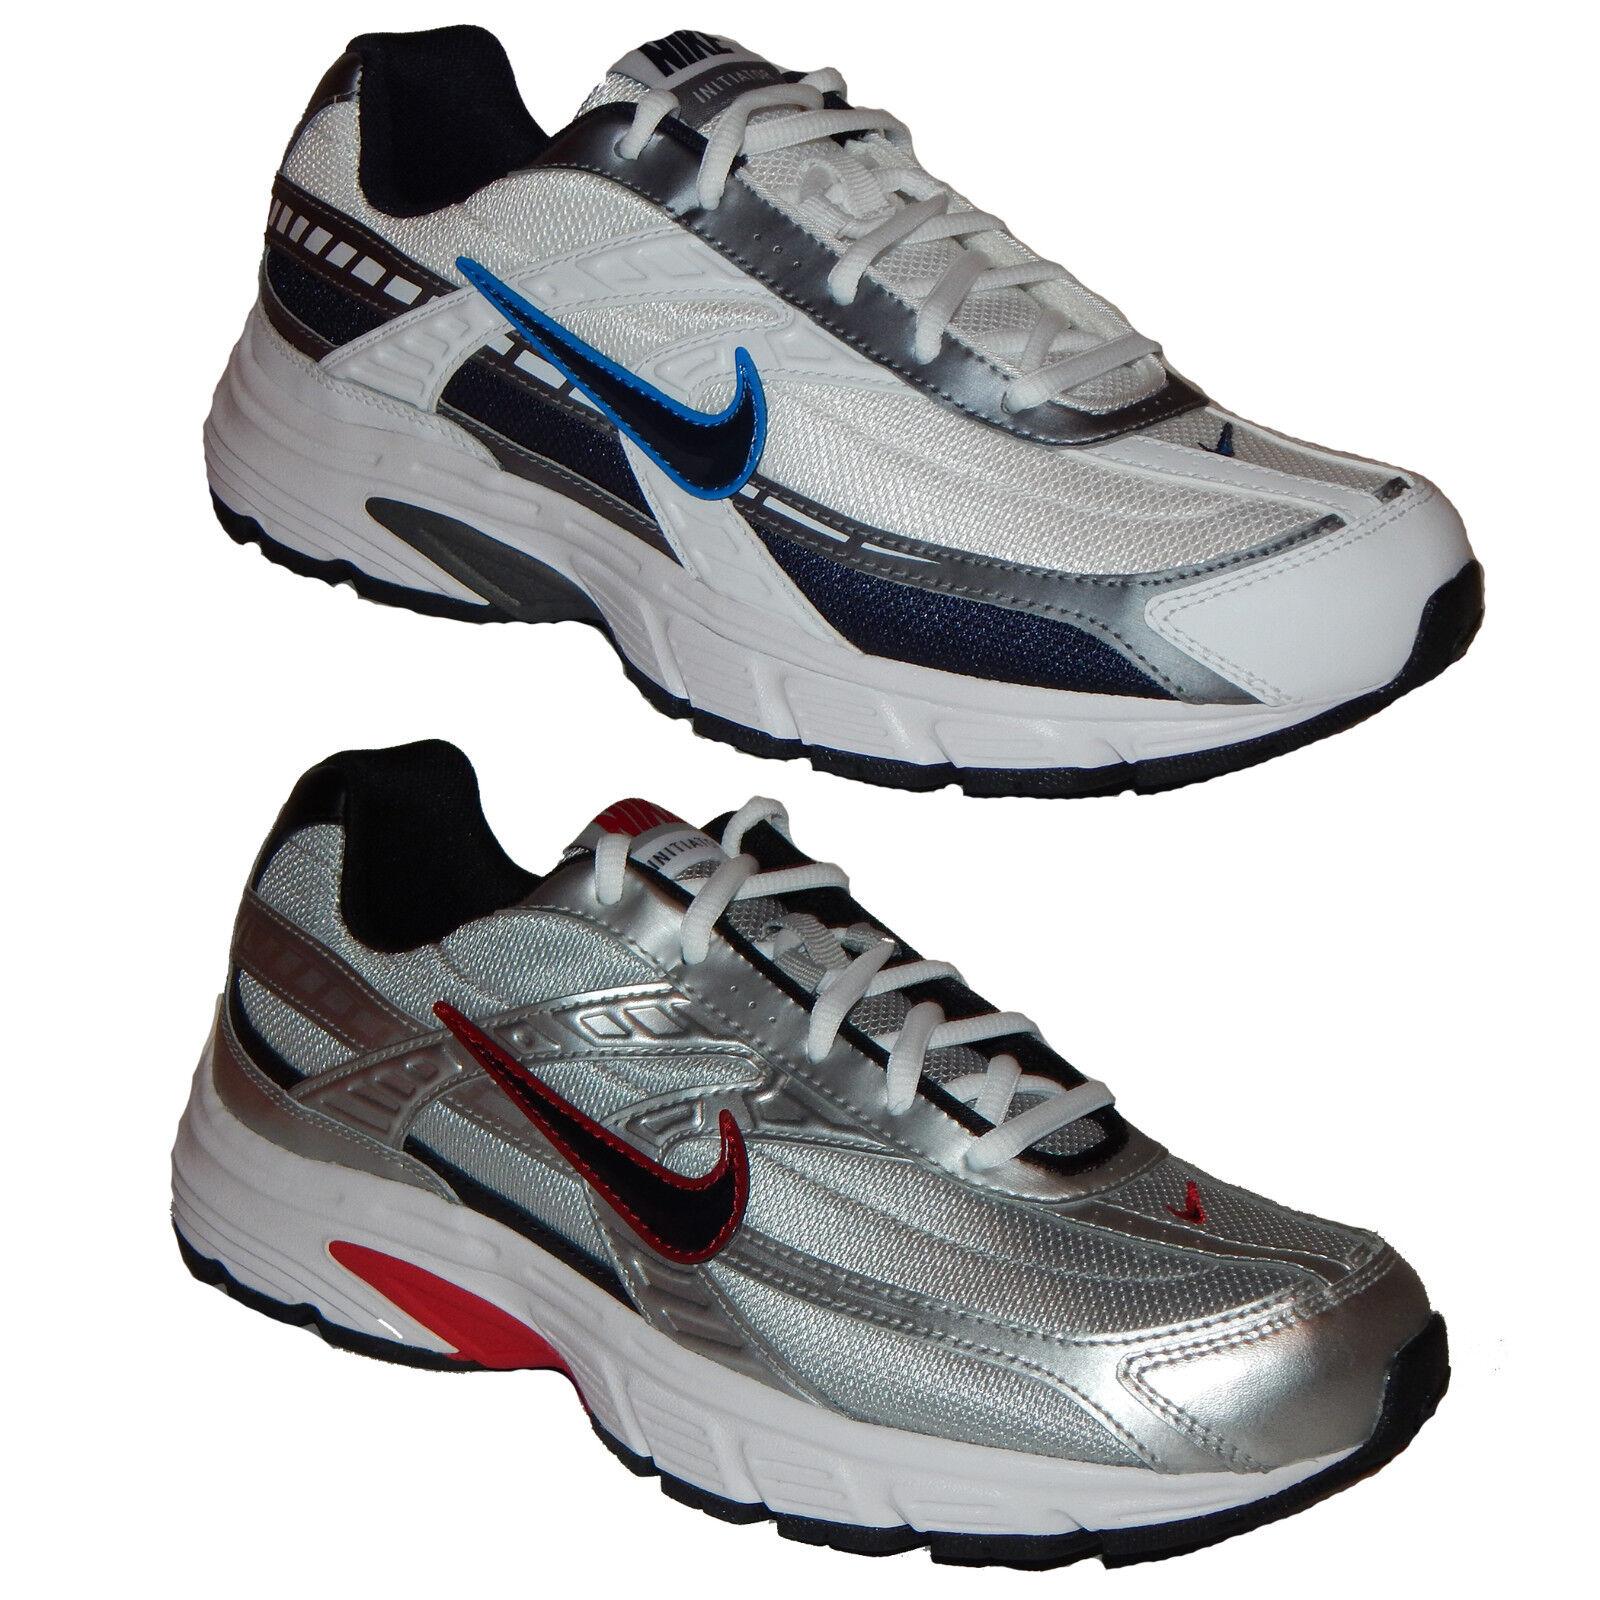 des des des chaussures nike initiateur des hommes nouveaux basket 2 couleurs la plupart des tailles 2 9db3ab